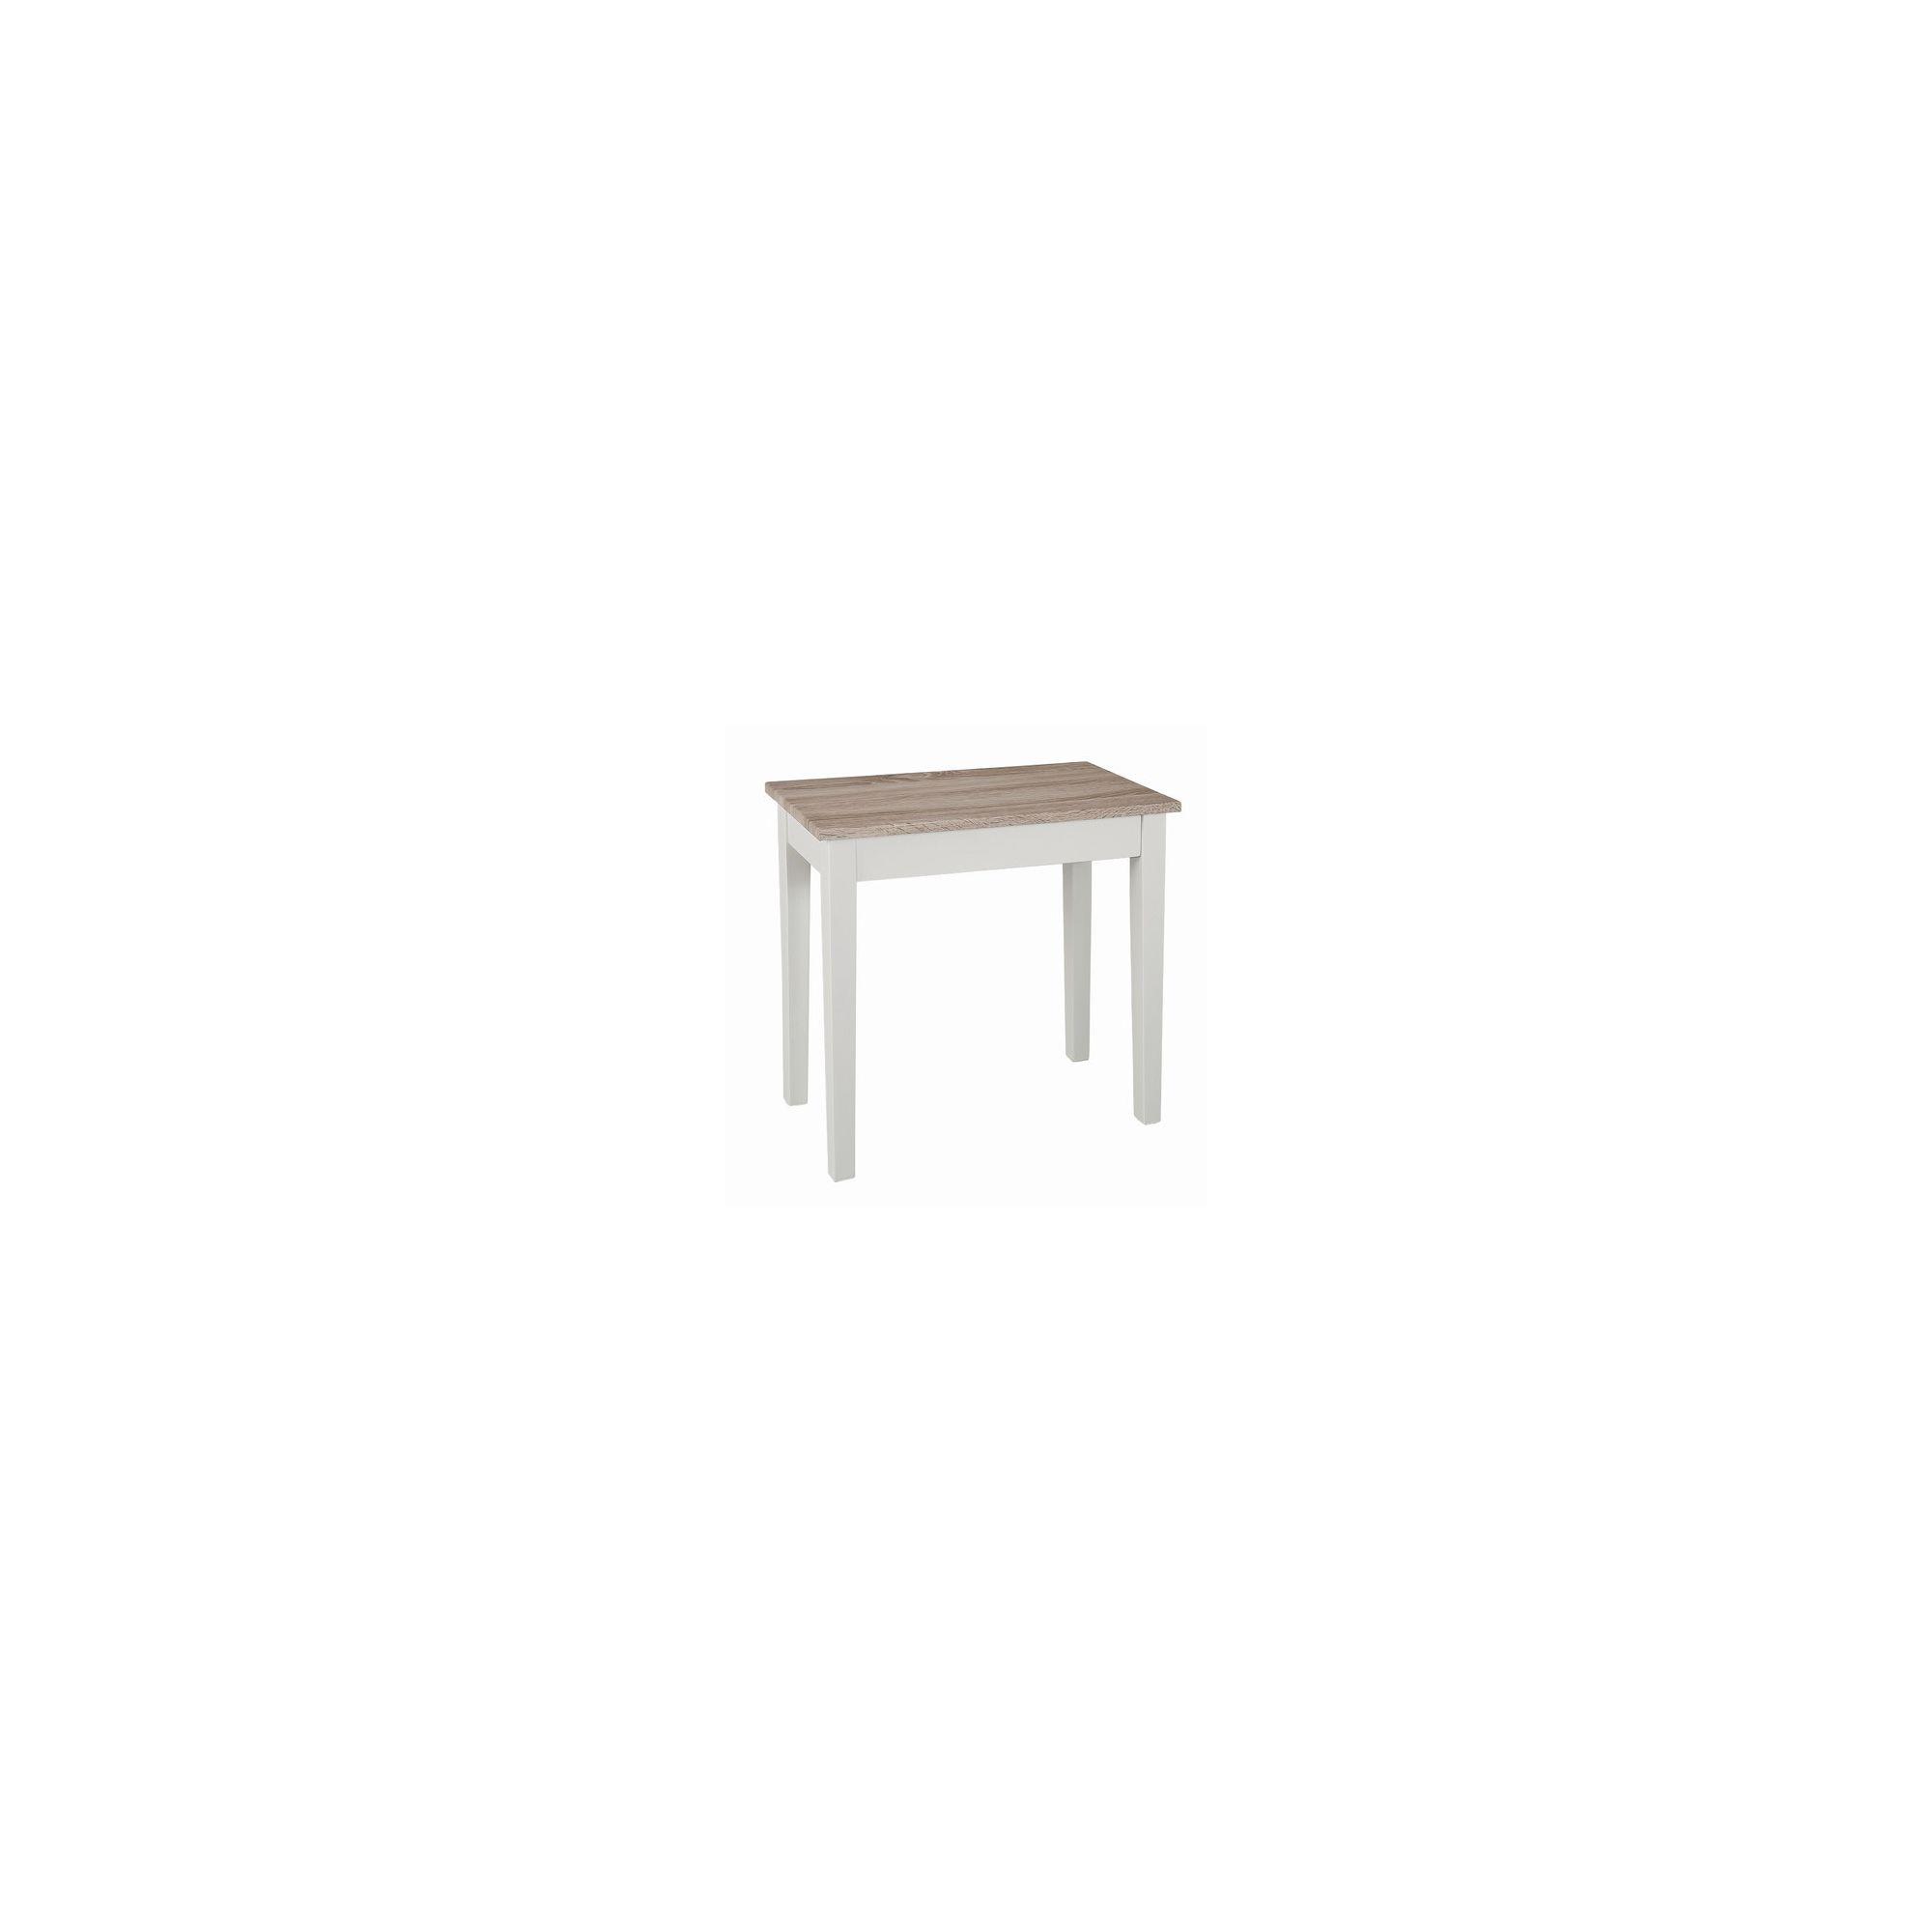 Urbane Designs Side Table - Light Oak